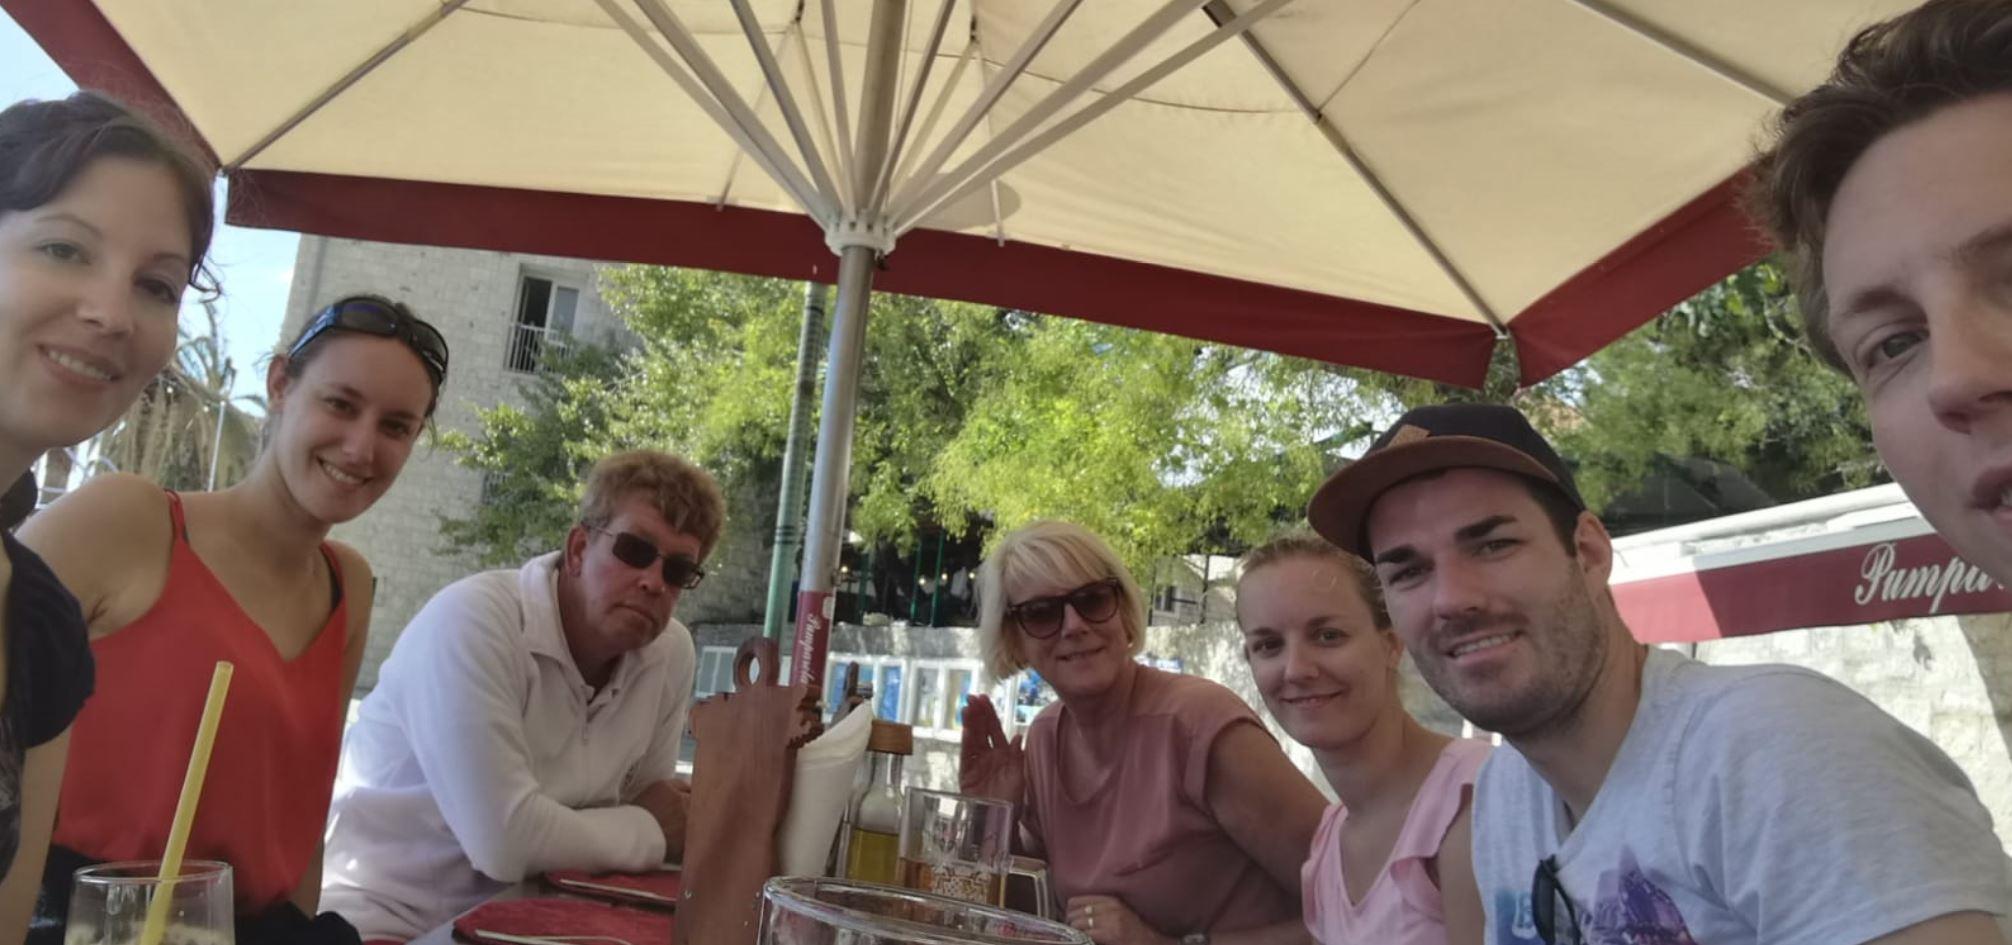 Familiensegeln Mittagessen